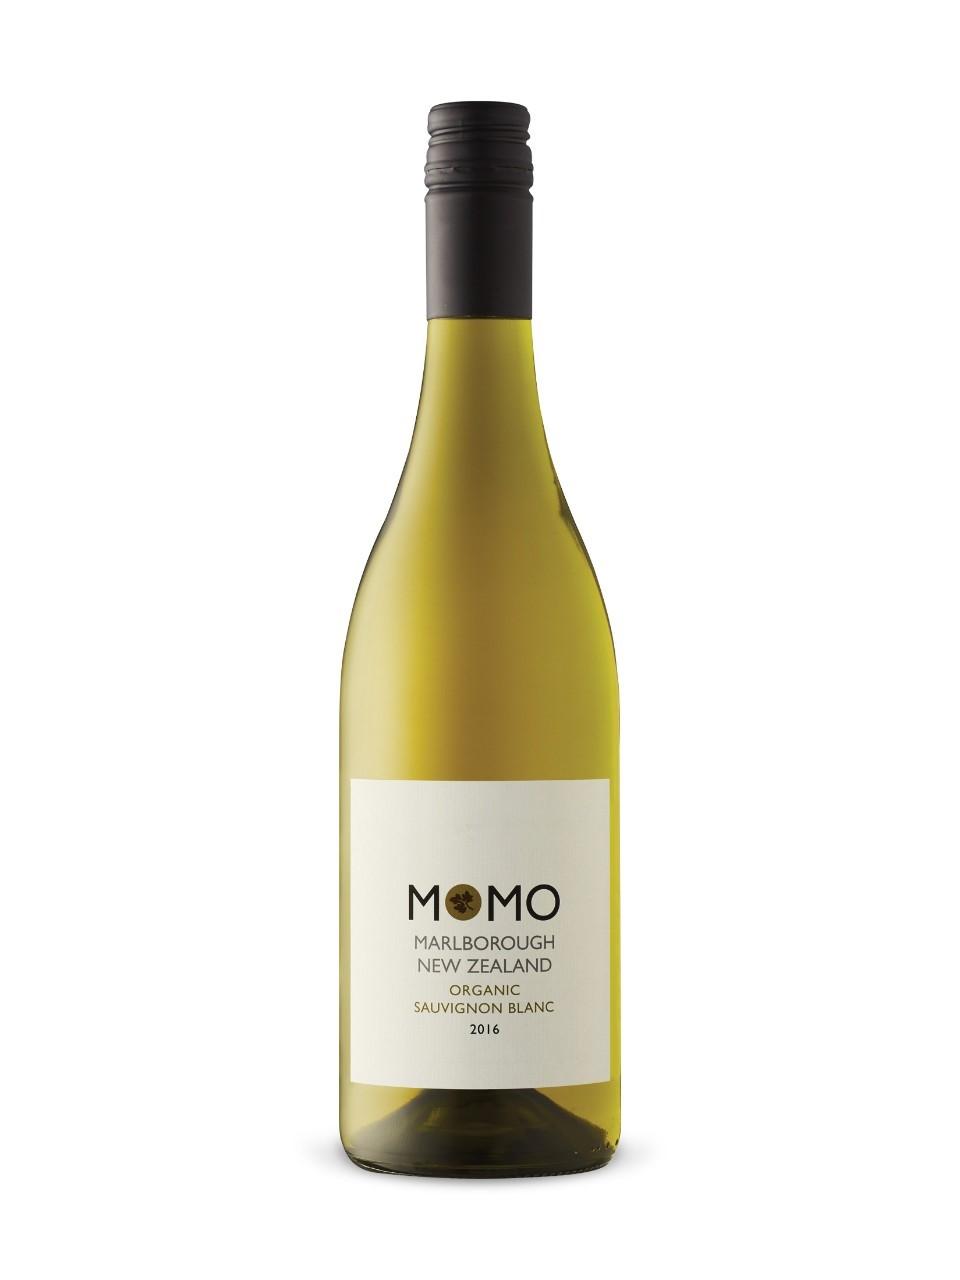 Momo Sauvignon Blanc 2016